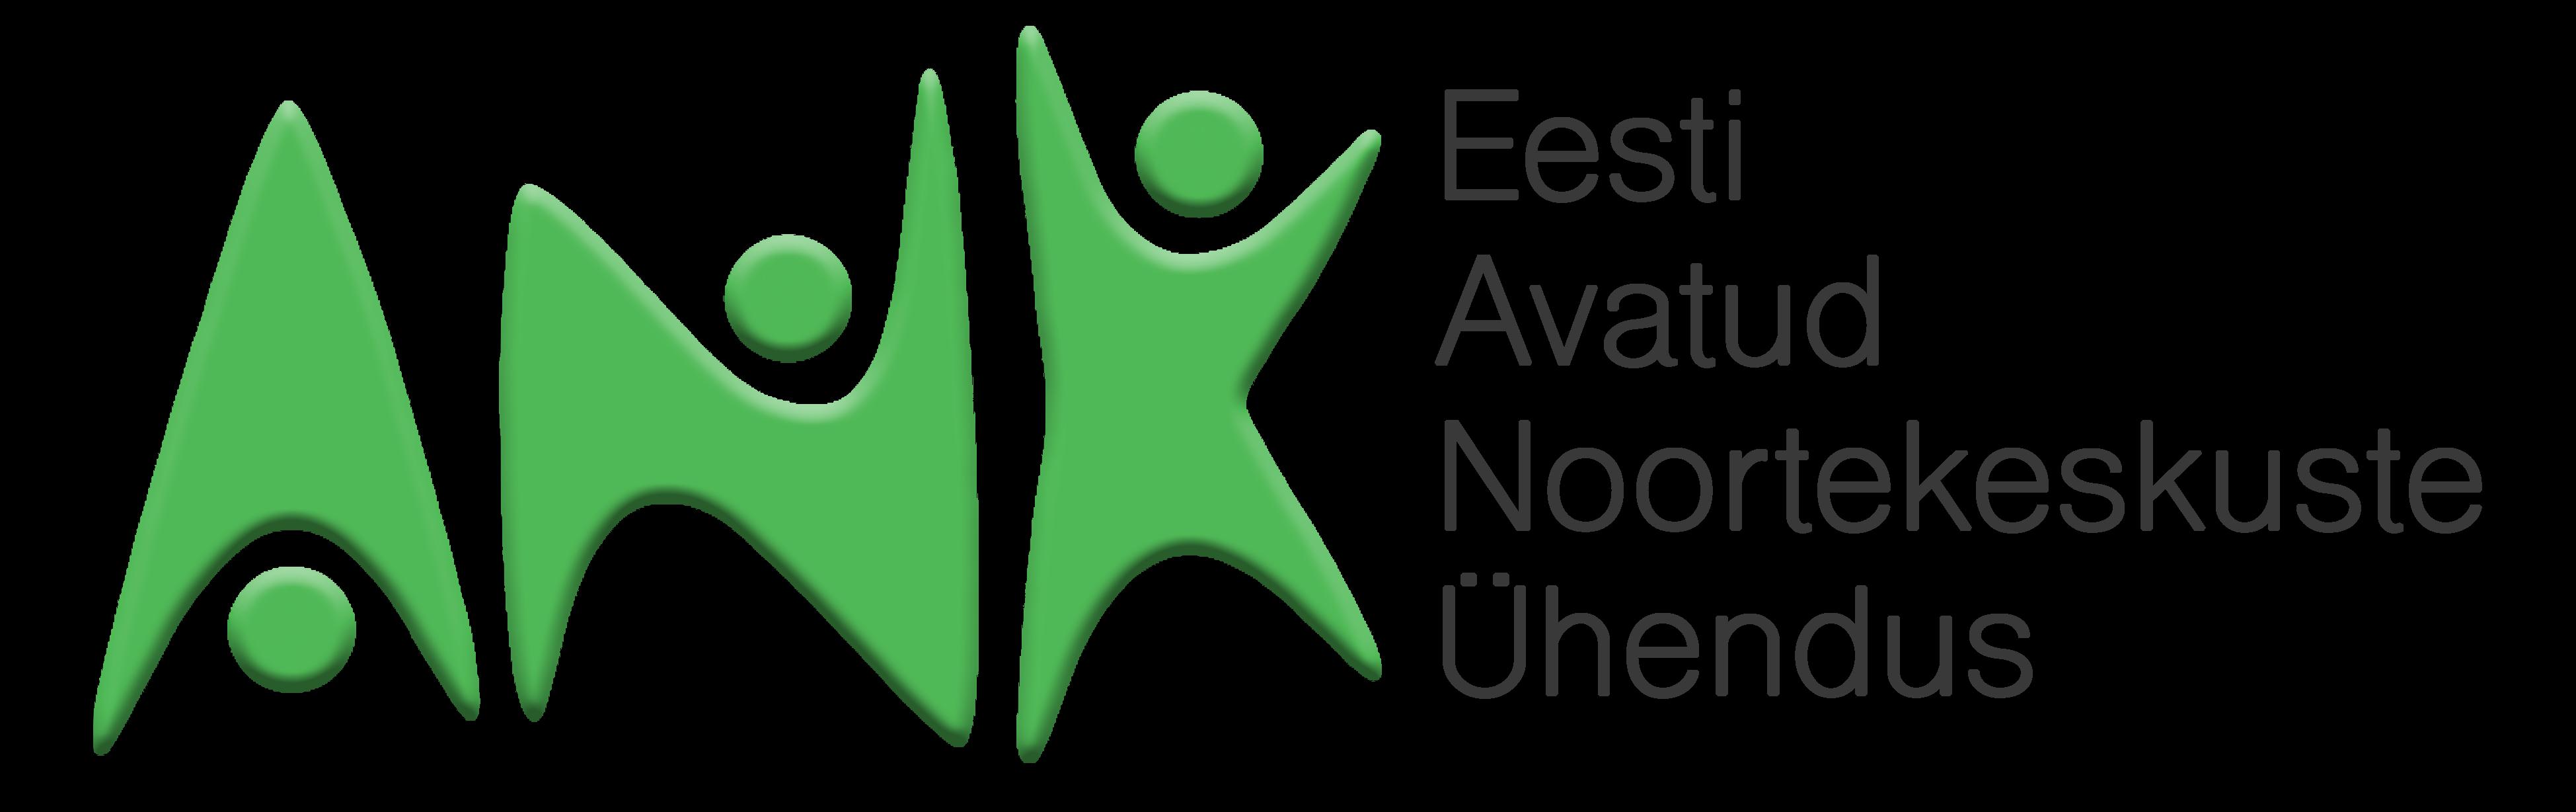 Eesti Avatud Noortekeskuste Ühendus